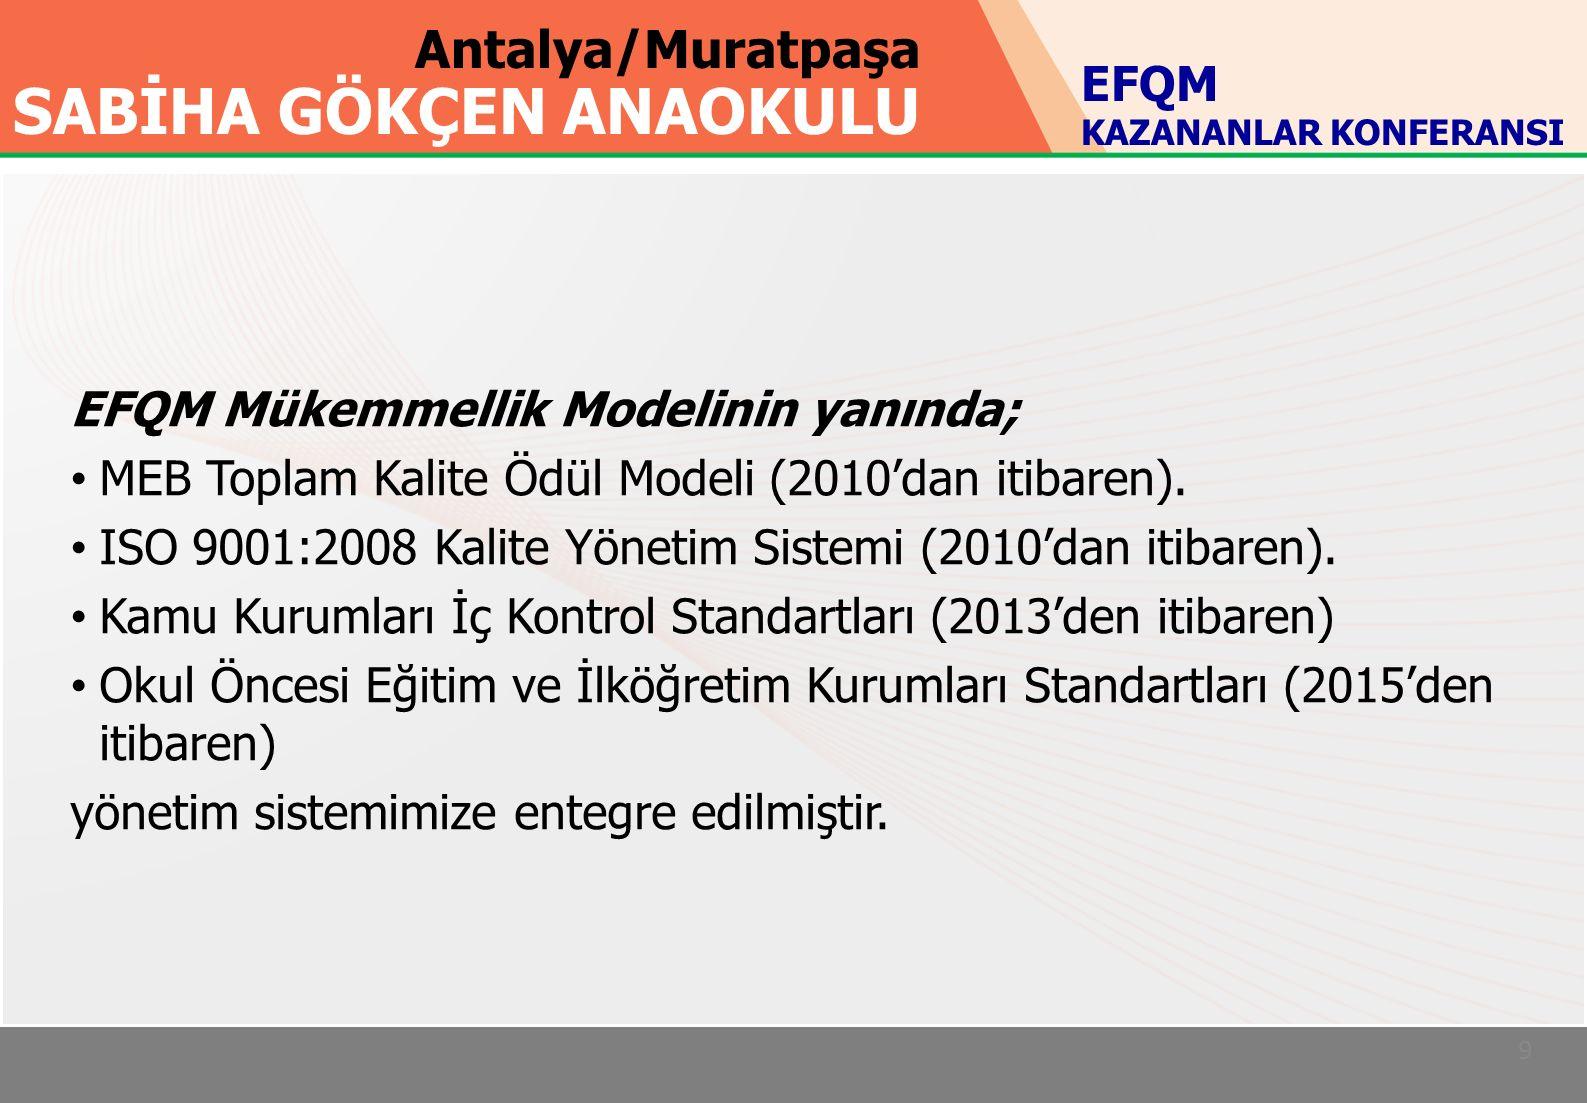 Antalya/Muratpaşa SABİHA GÖKÇEN ANAOKULU 9 EFQM Mükemmellik Modelinin yanında; MEB Toplam Kalite Ödül Modeli (2010'dan itibaren).